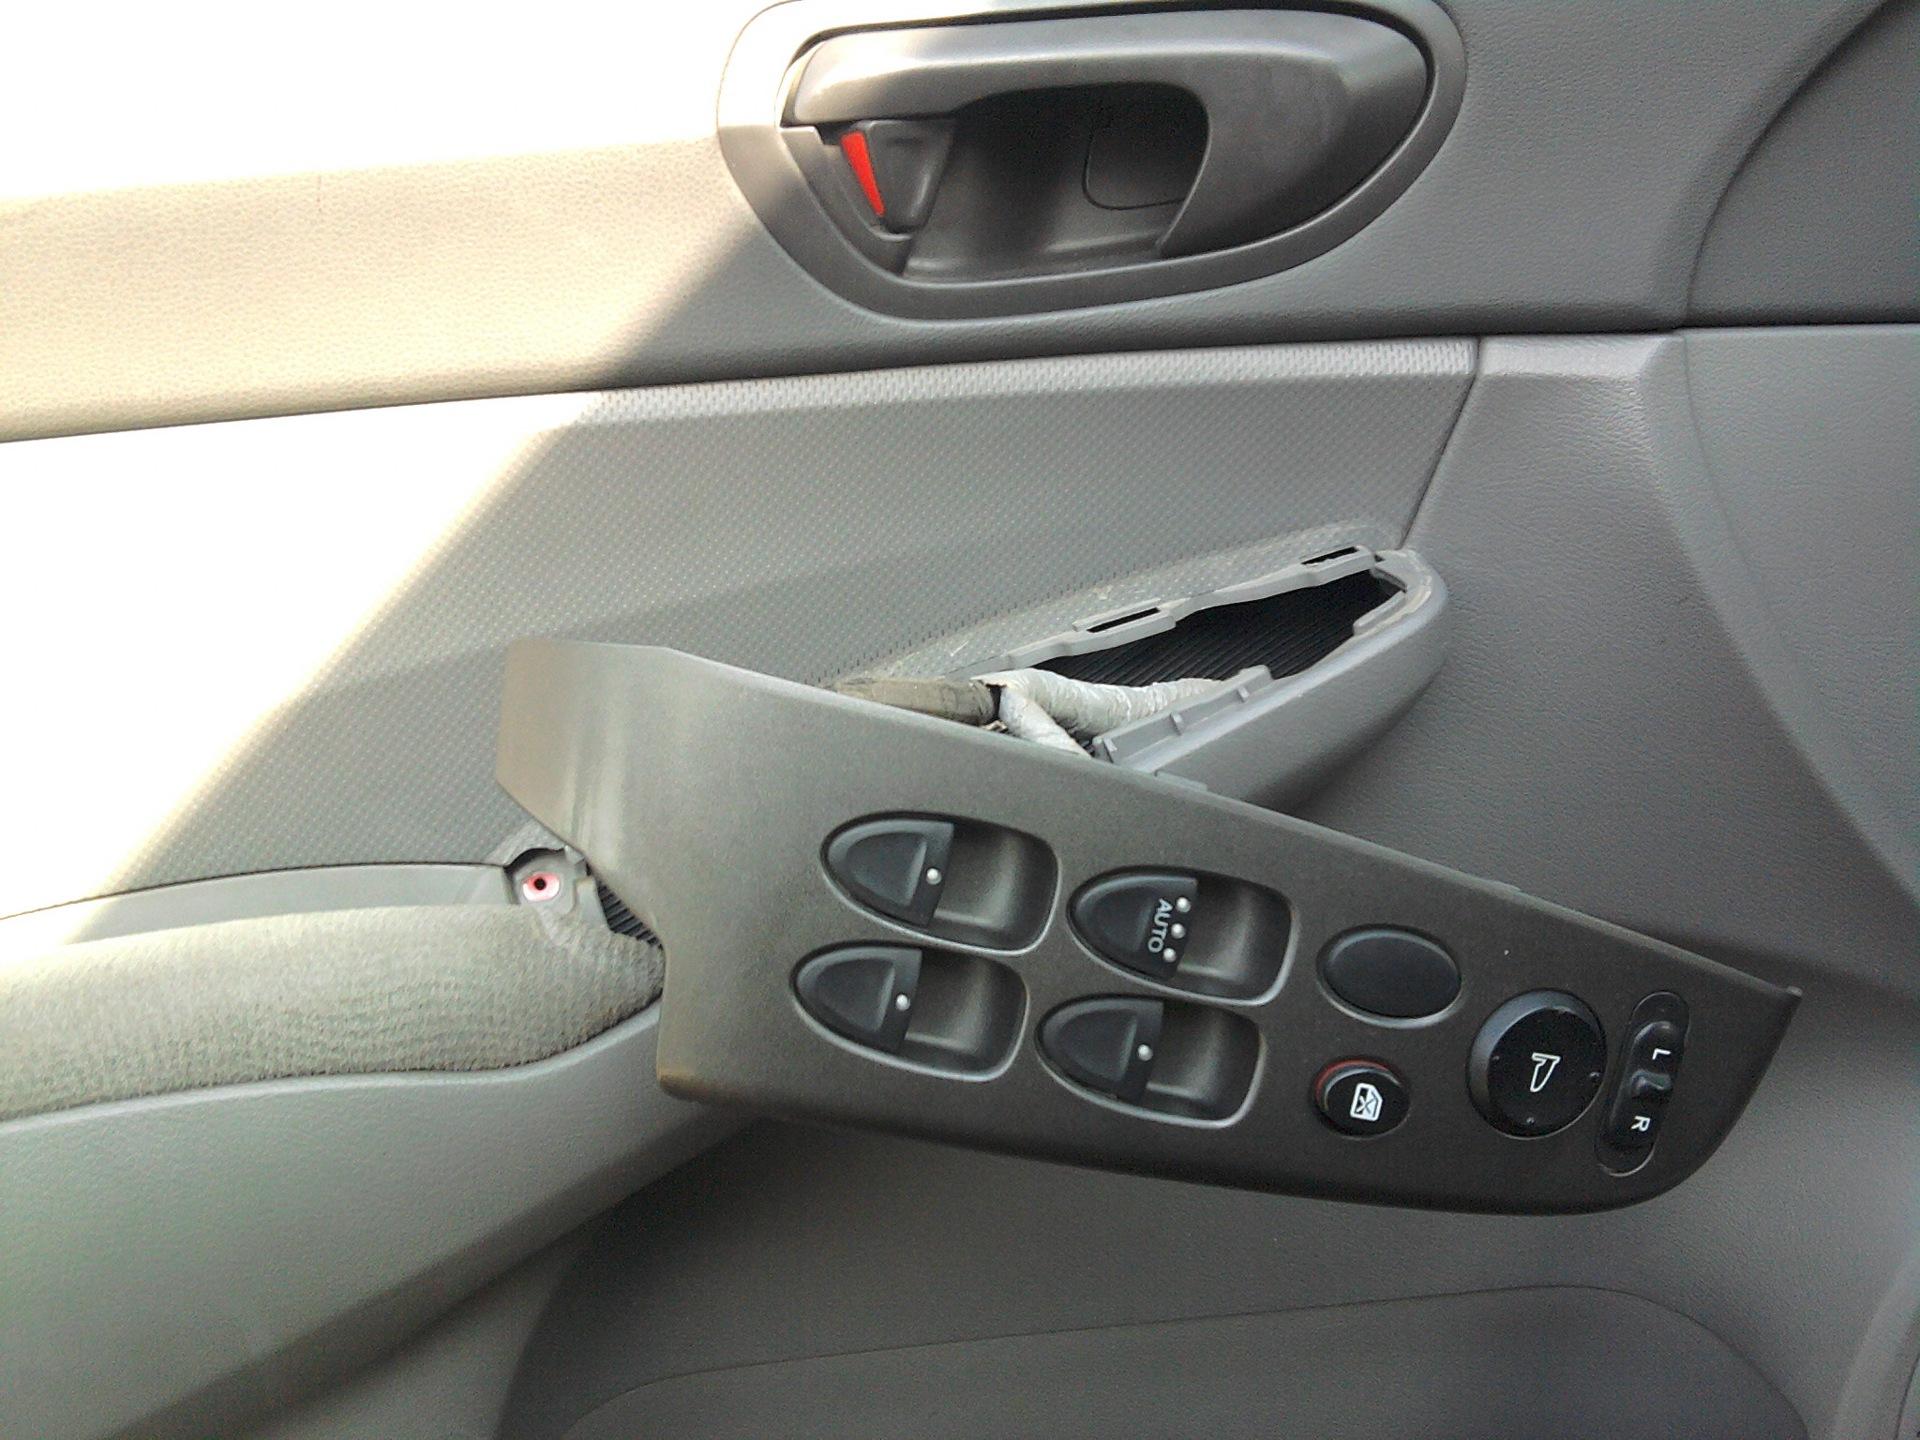 Снятие стеклоподъемника передней двери Хонда Цивик 2005 - 2011